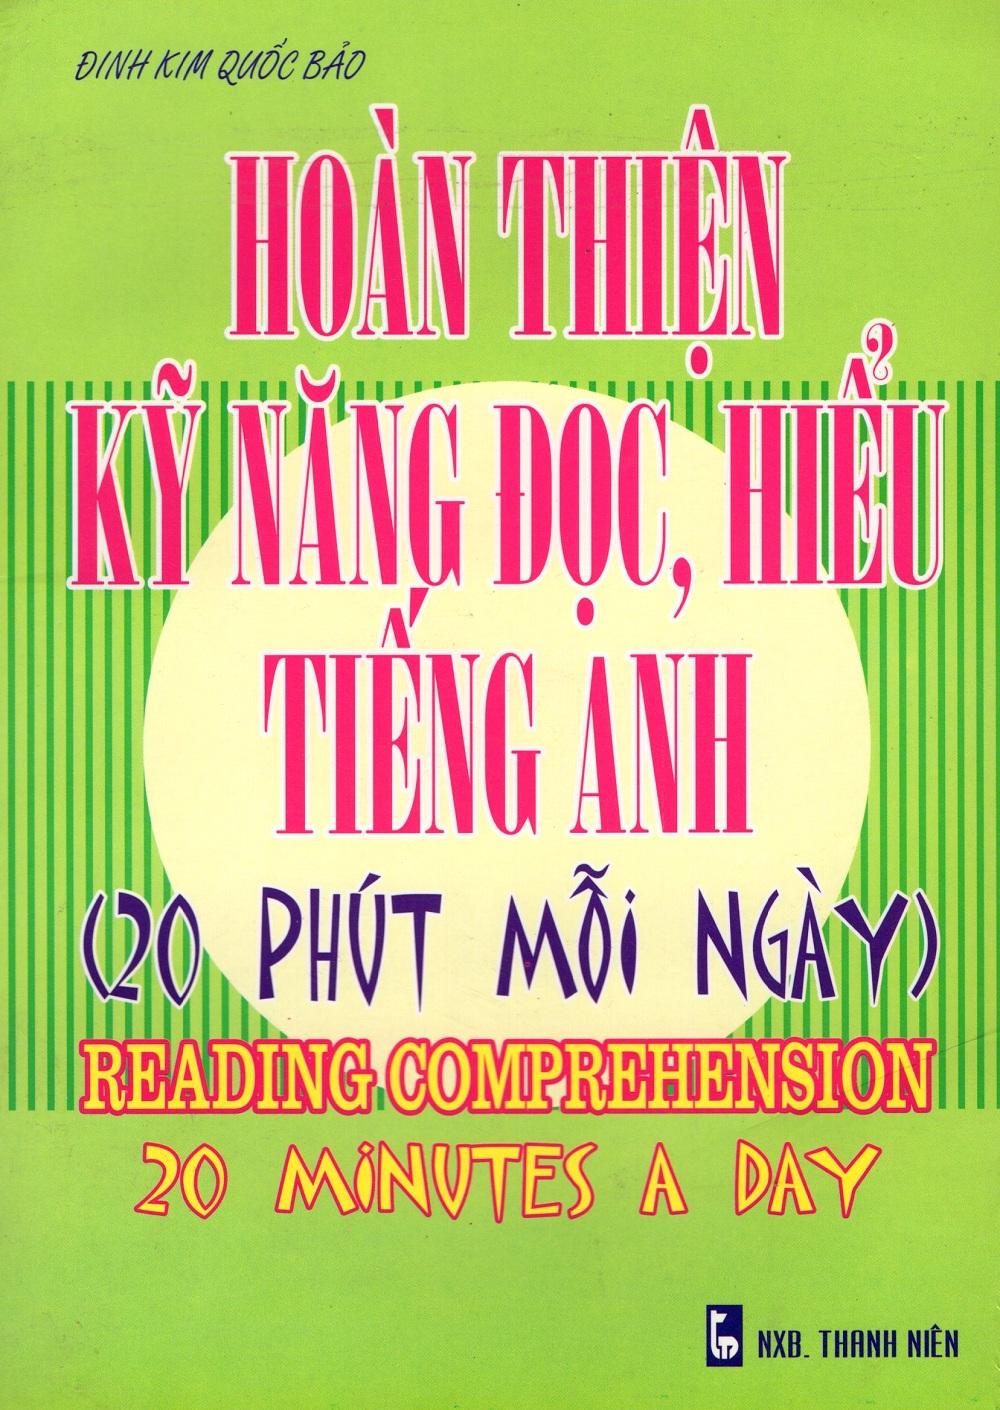 Bìa sách Hoàn Thiện Kỹ Năng Đọc, Hiểu Tiếng Anh (20 Phút Mỗi Ngày)